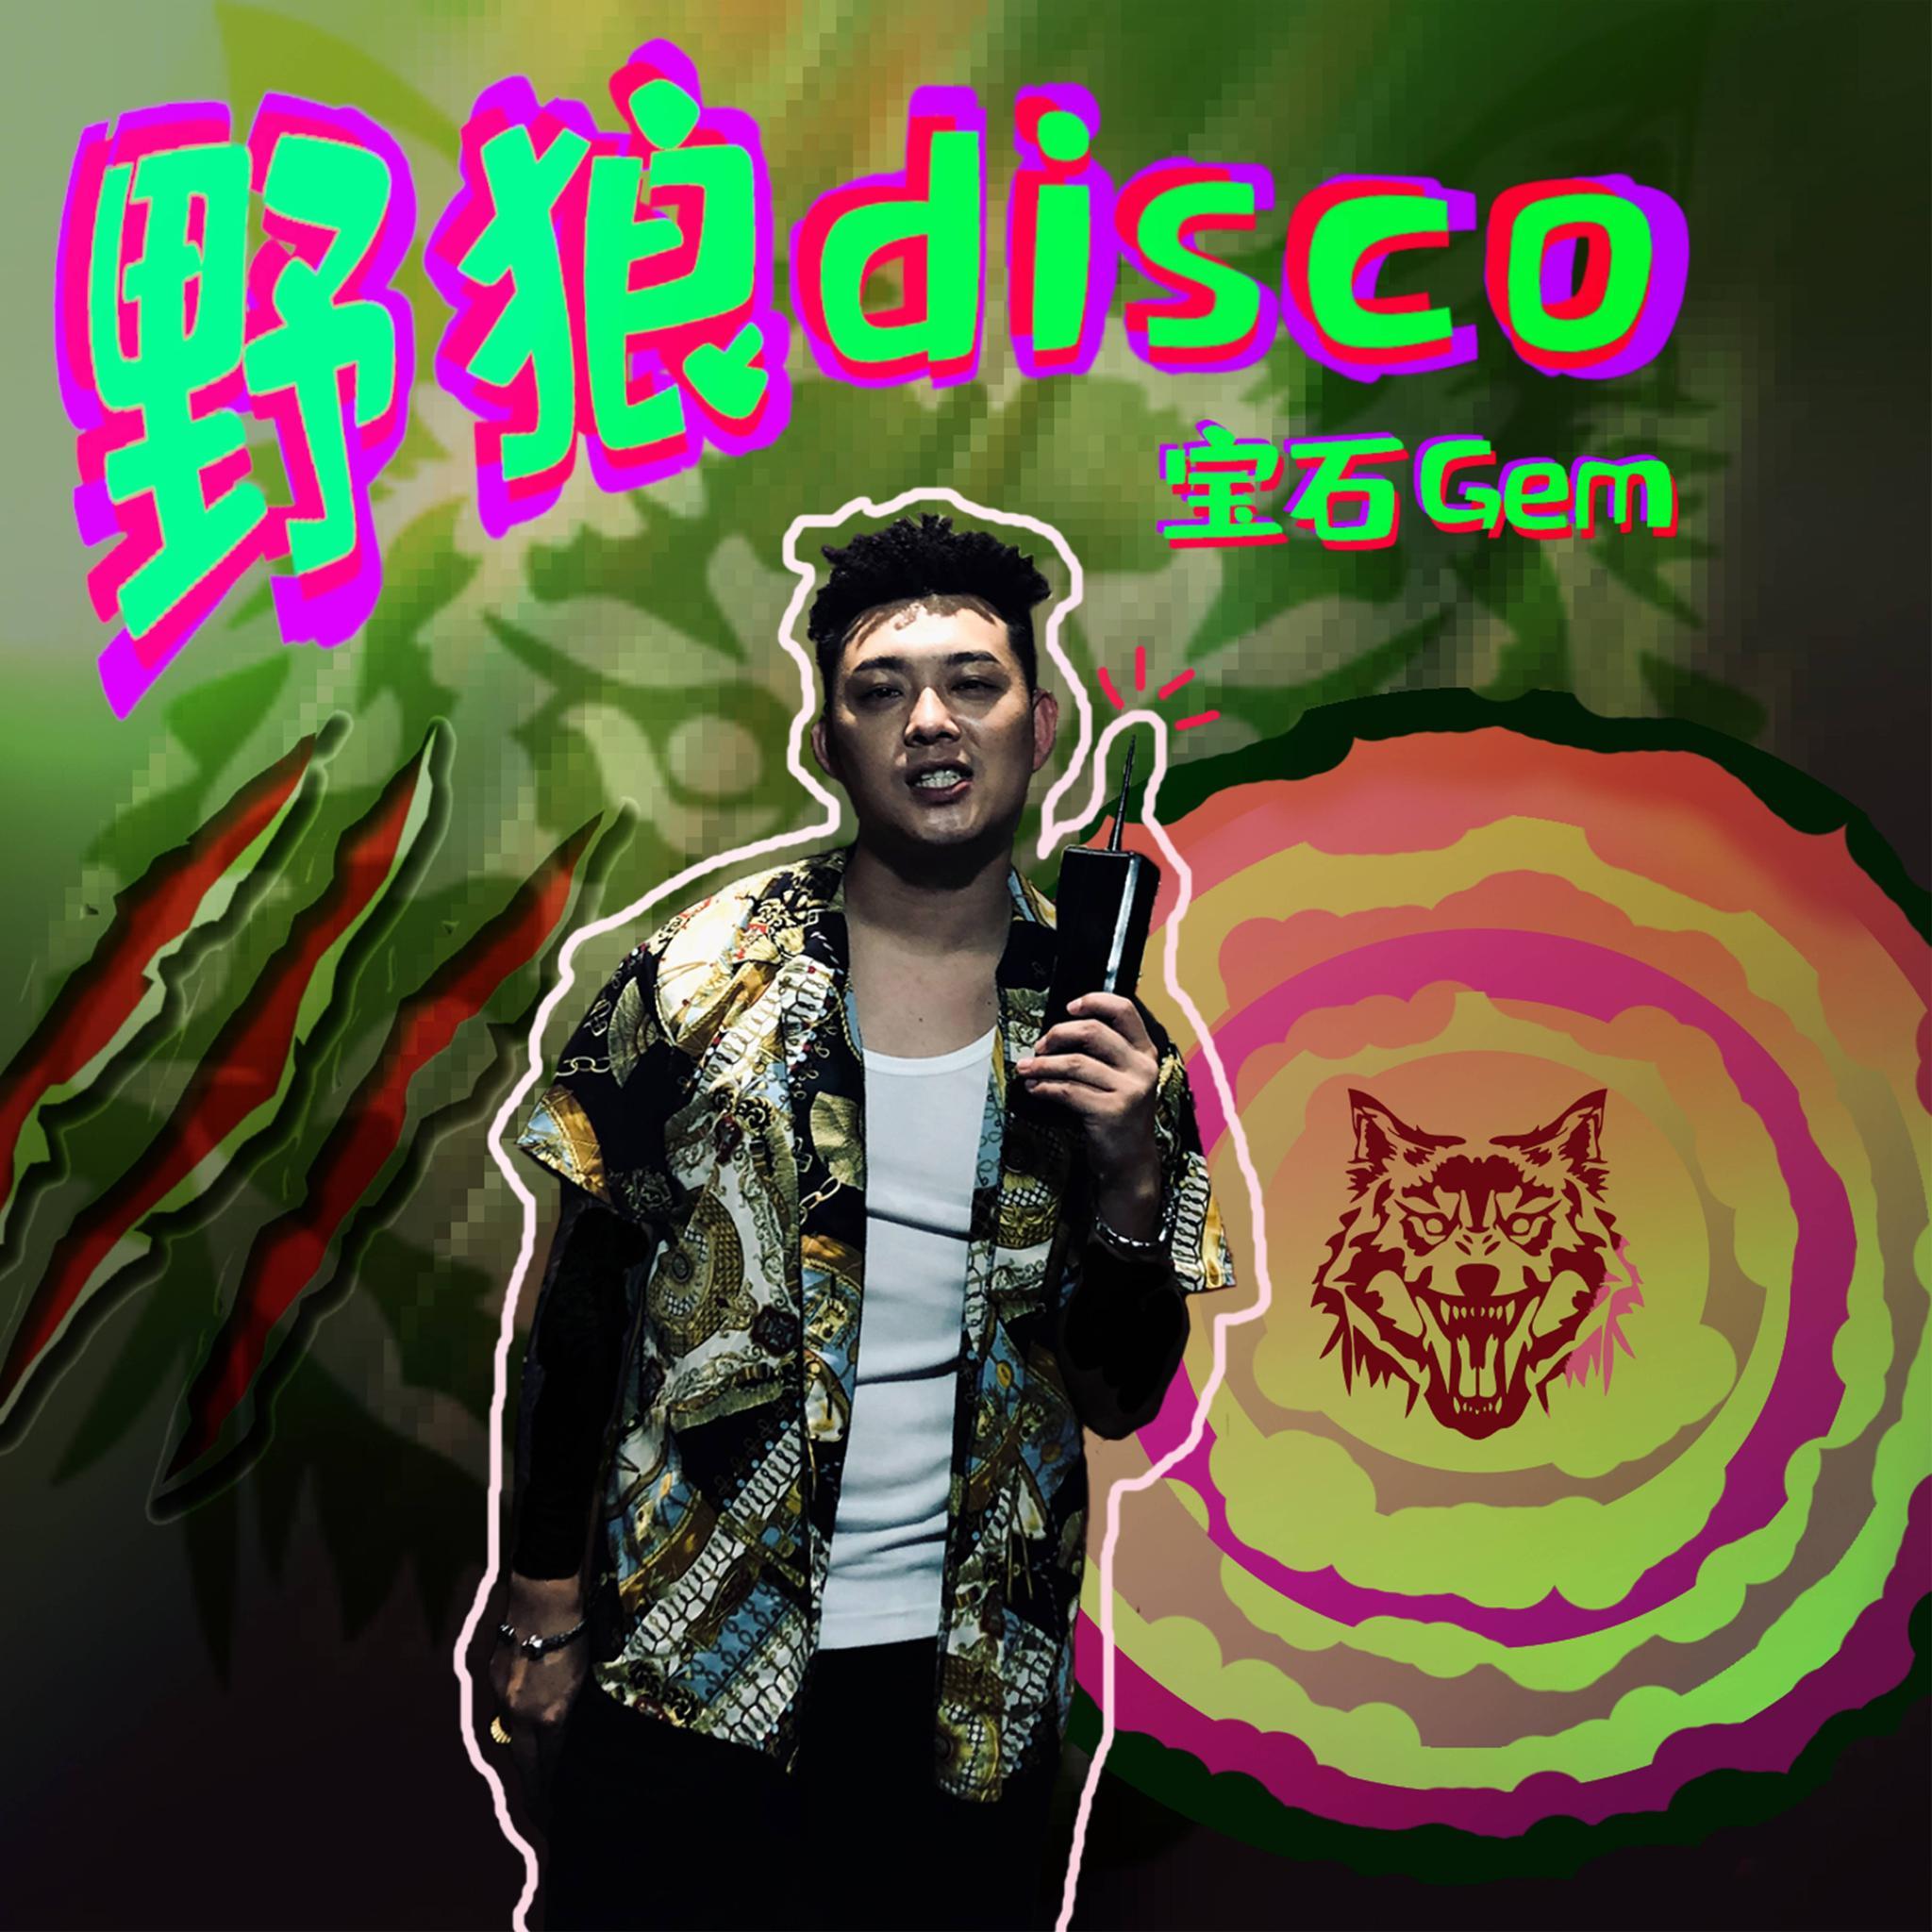 《野狼Disco》版权之争侧面暴露了国内音乐平台之弊图片